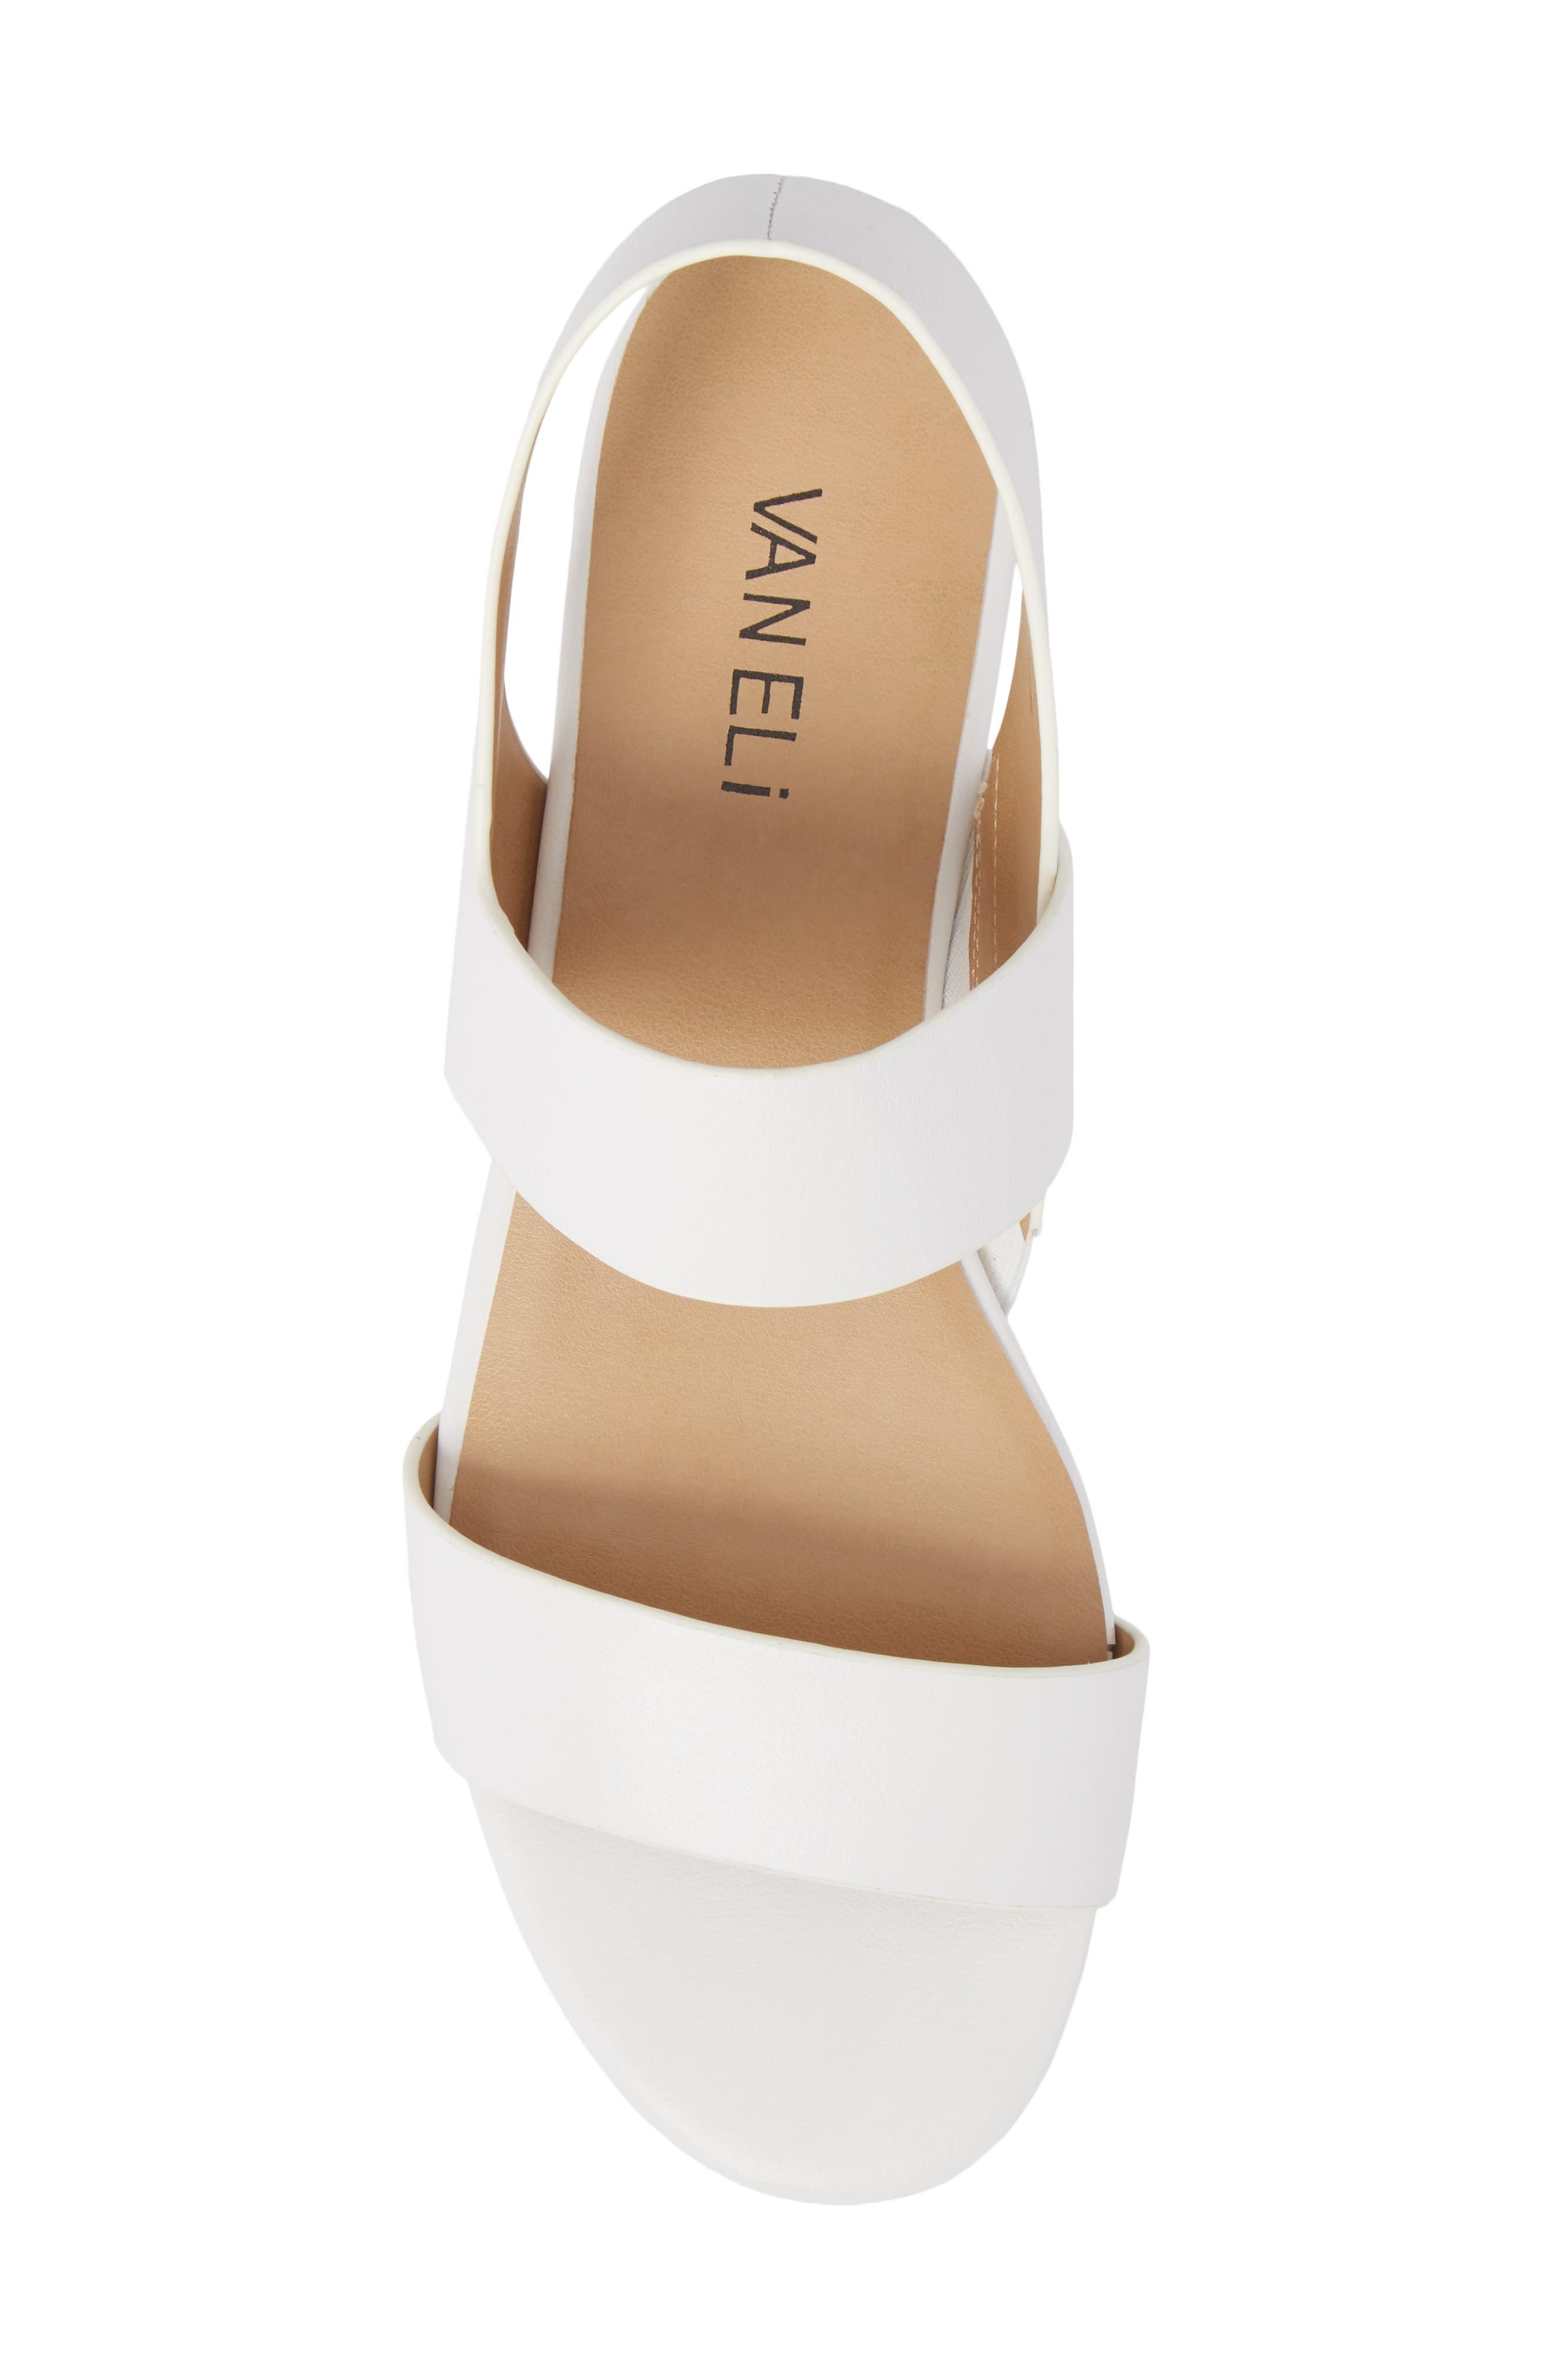 Blanka Sandal,                             Alternate thumbnail 5, color,                             White Leather